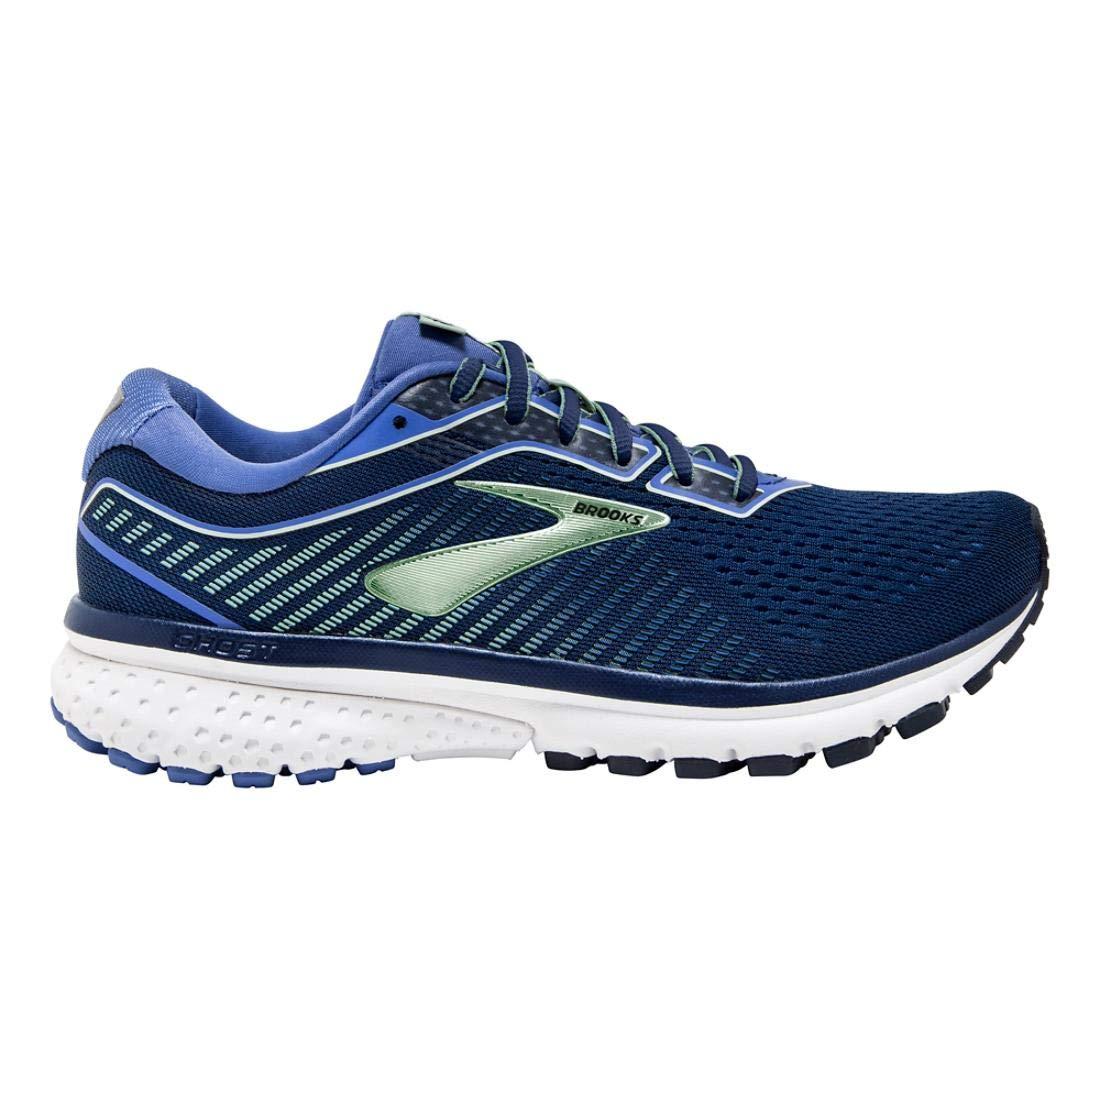 Bleu (Peacoat bleu Aqua 413) 43 EU Brooks Ghost 12, Chaussures de FonctionneHommest Femme